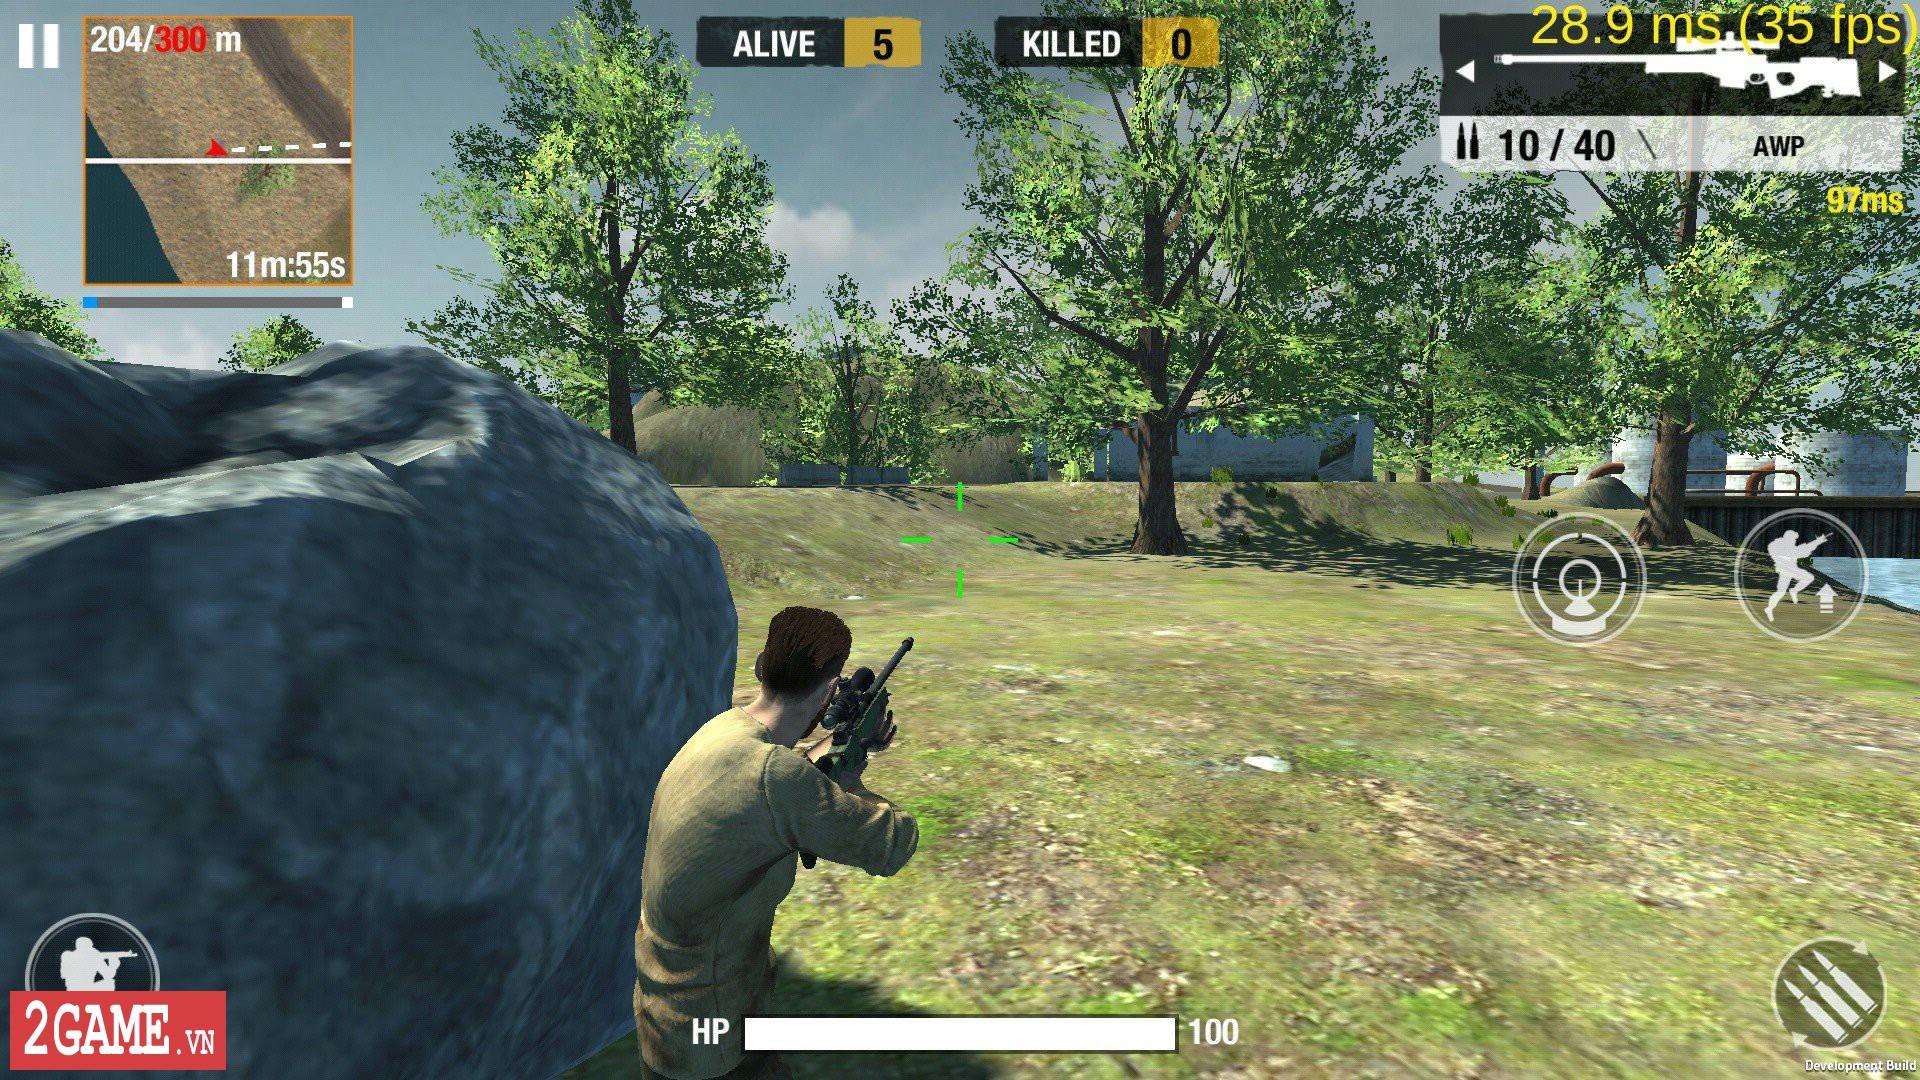 Tổng quan về lối chơi sinh tử của Bullet Strike: Battlegrounds 9